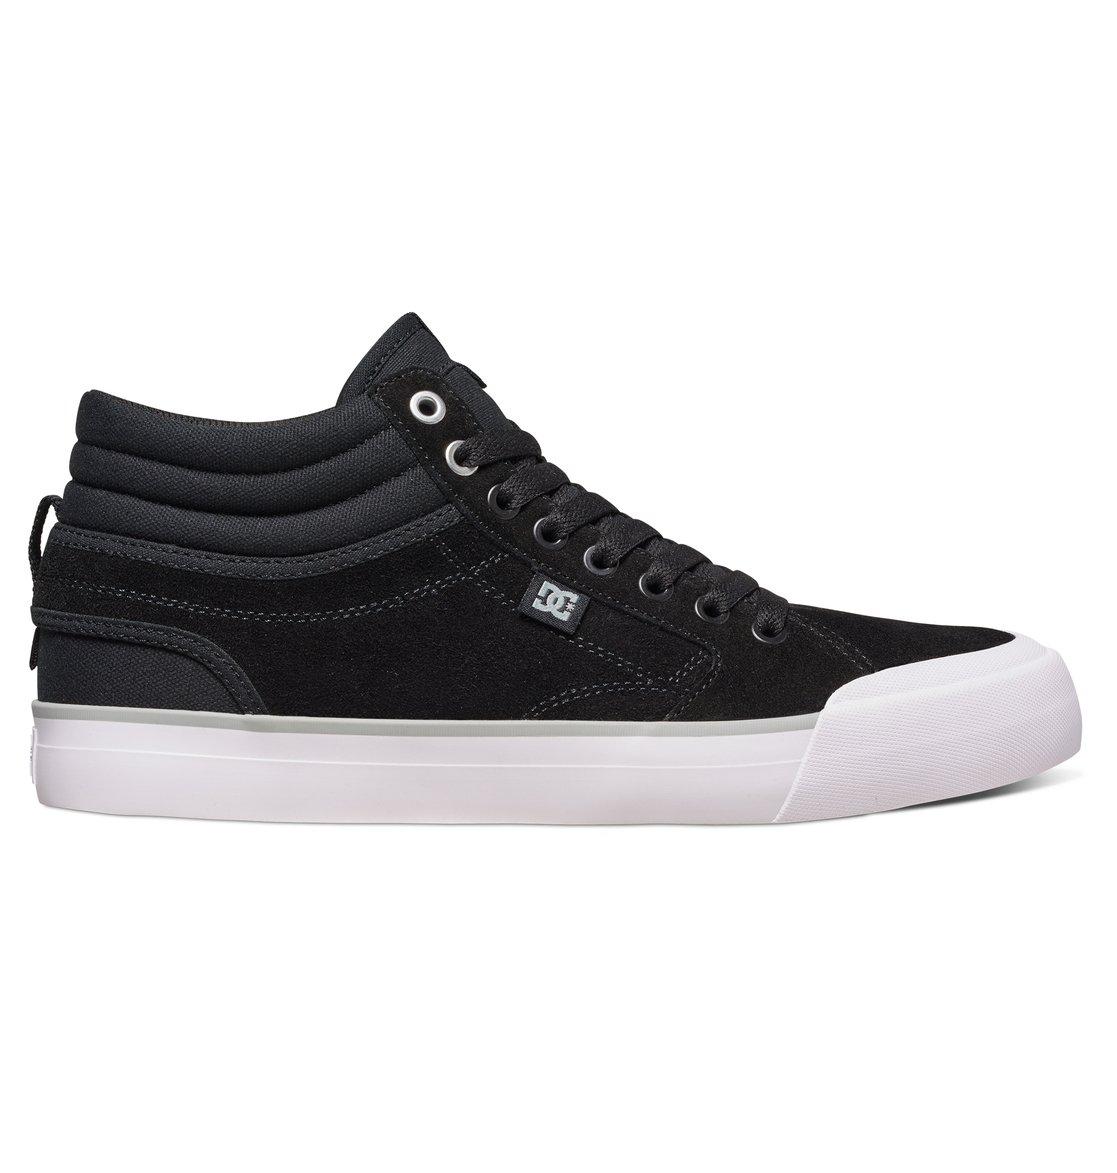 dc shoes Wes Kremer 2 X Sk8Mafia - Scarpe da Uomo - Black - DC Shoes tXEk2XQ